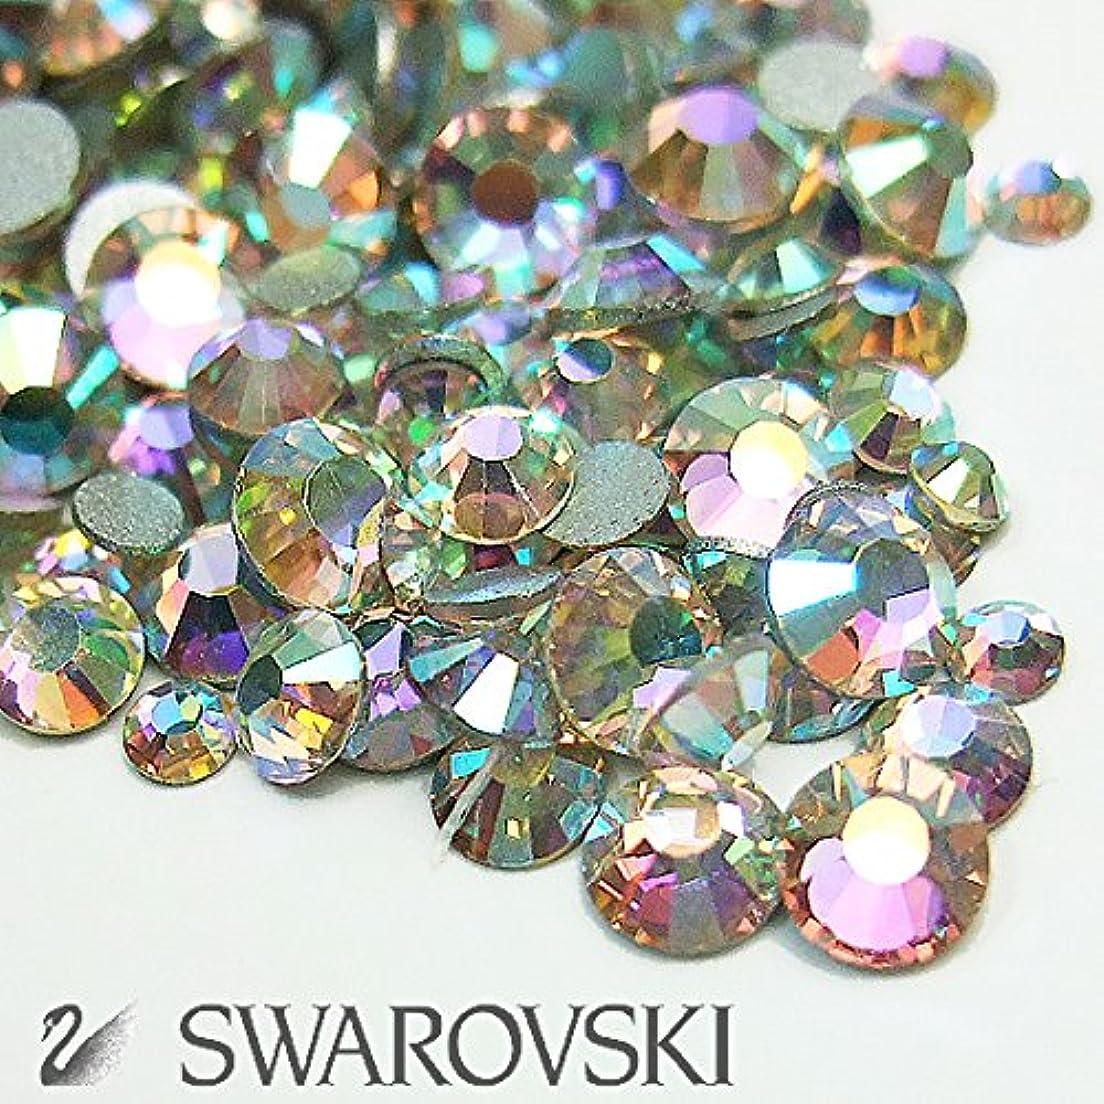 ヒューム評価するクルースワロフスキー(Swarovski) クリスタライズ ラインストーン ネイルサイズMIX (80粒) クリスタルAB